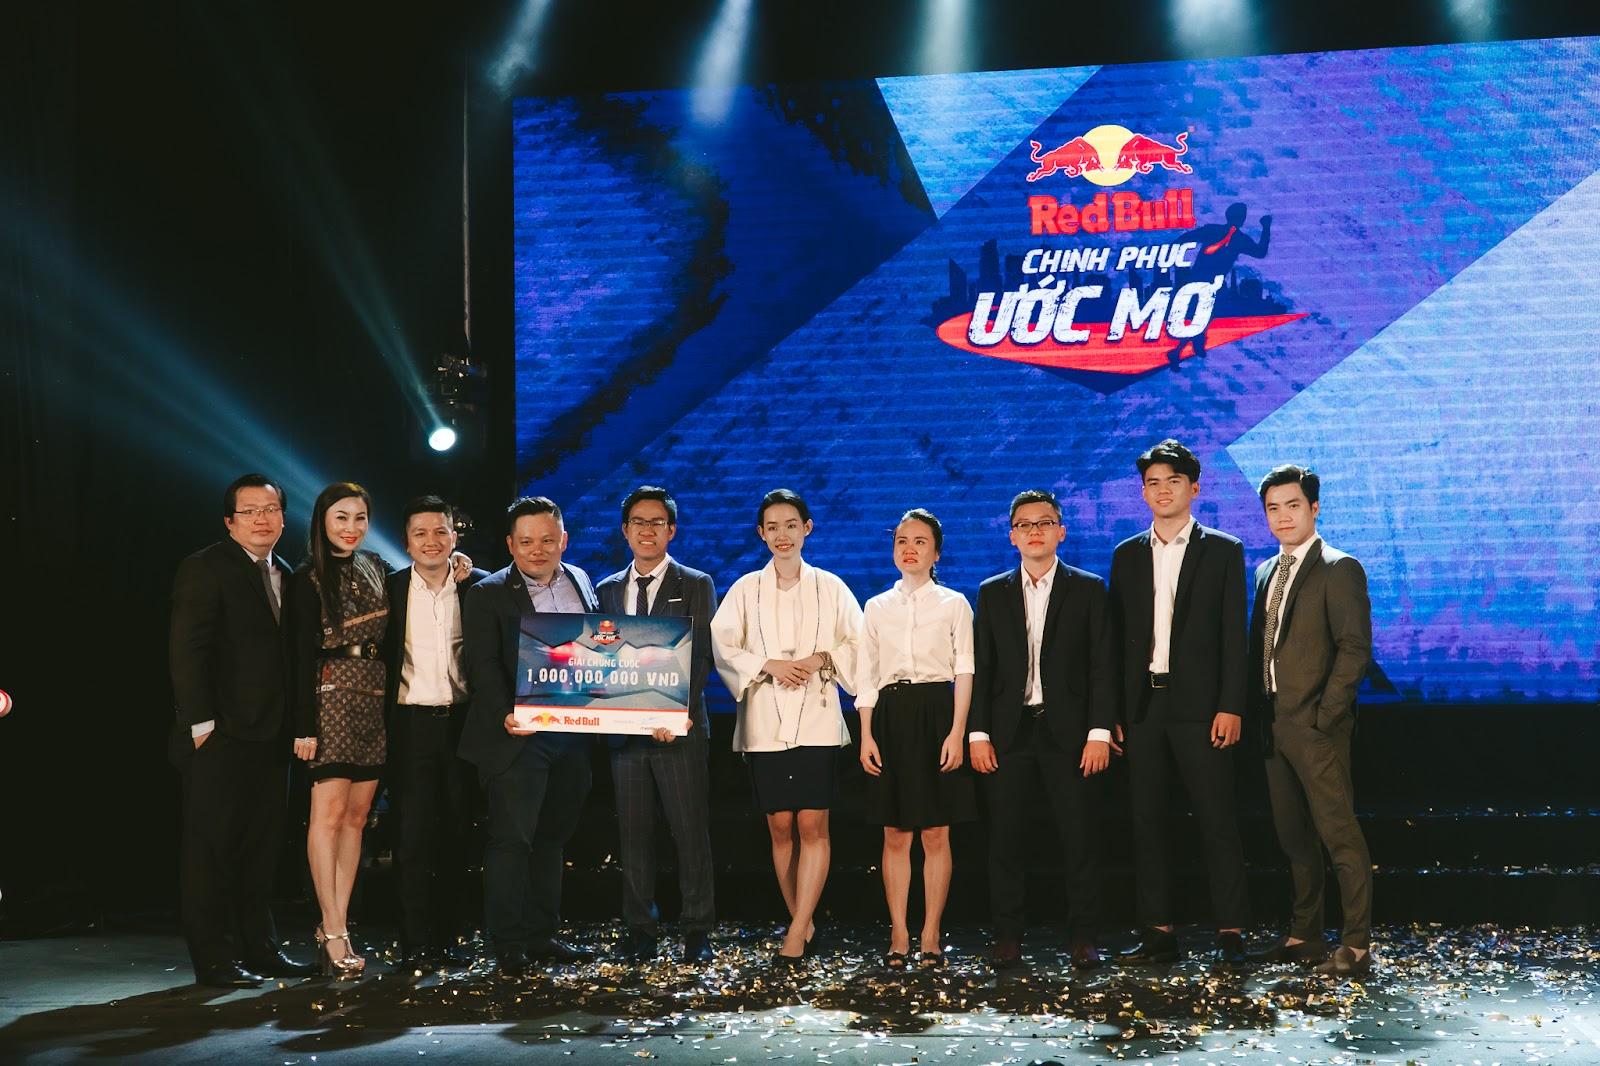 Chung kết Red Bull - Chinh Phục Ước Mơ: Người chiến thắng không chỉ có một!